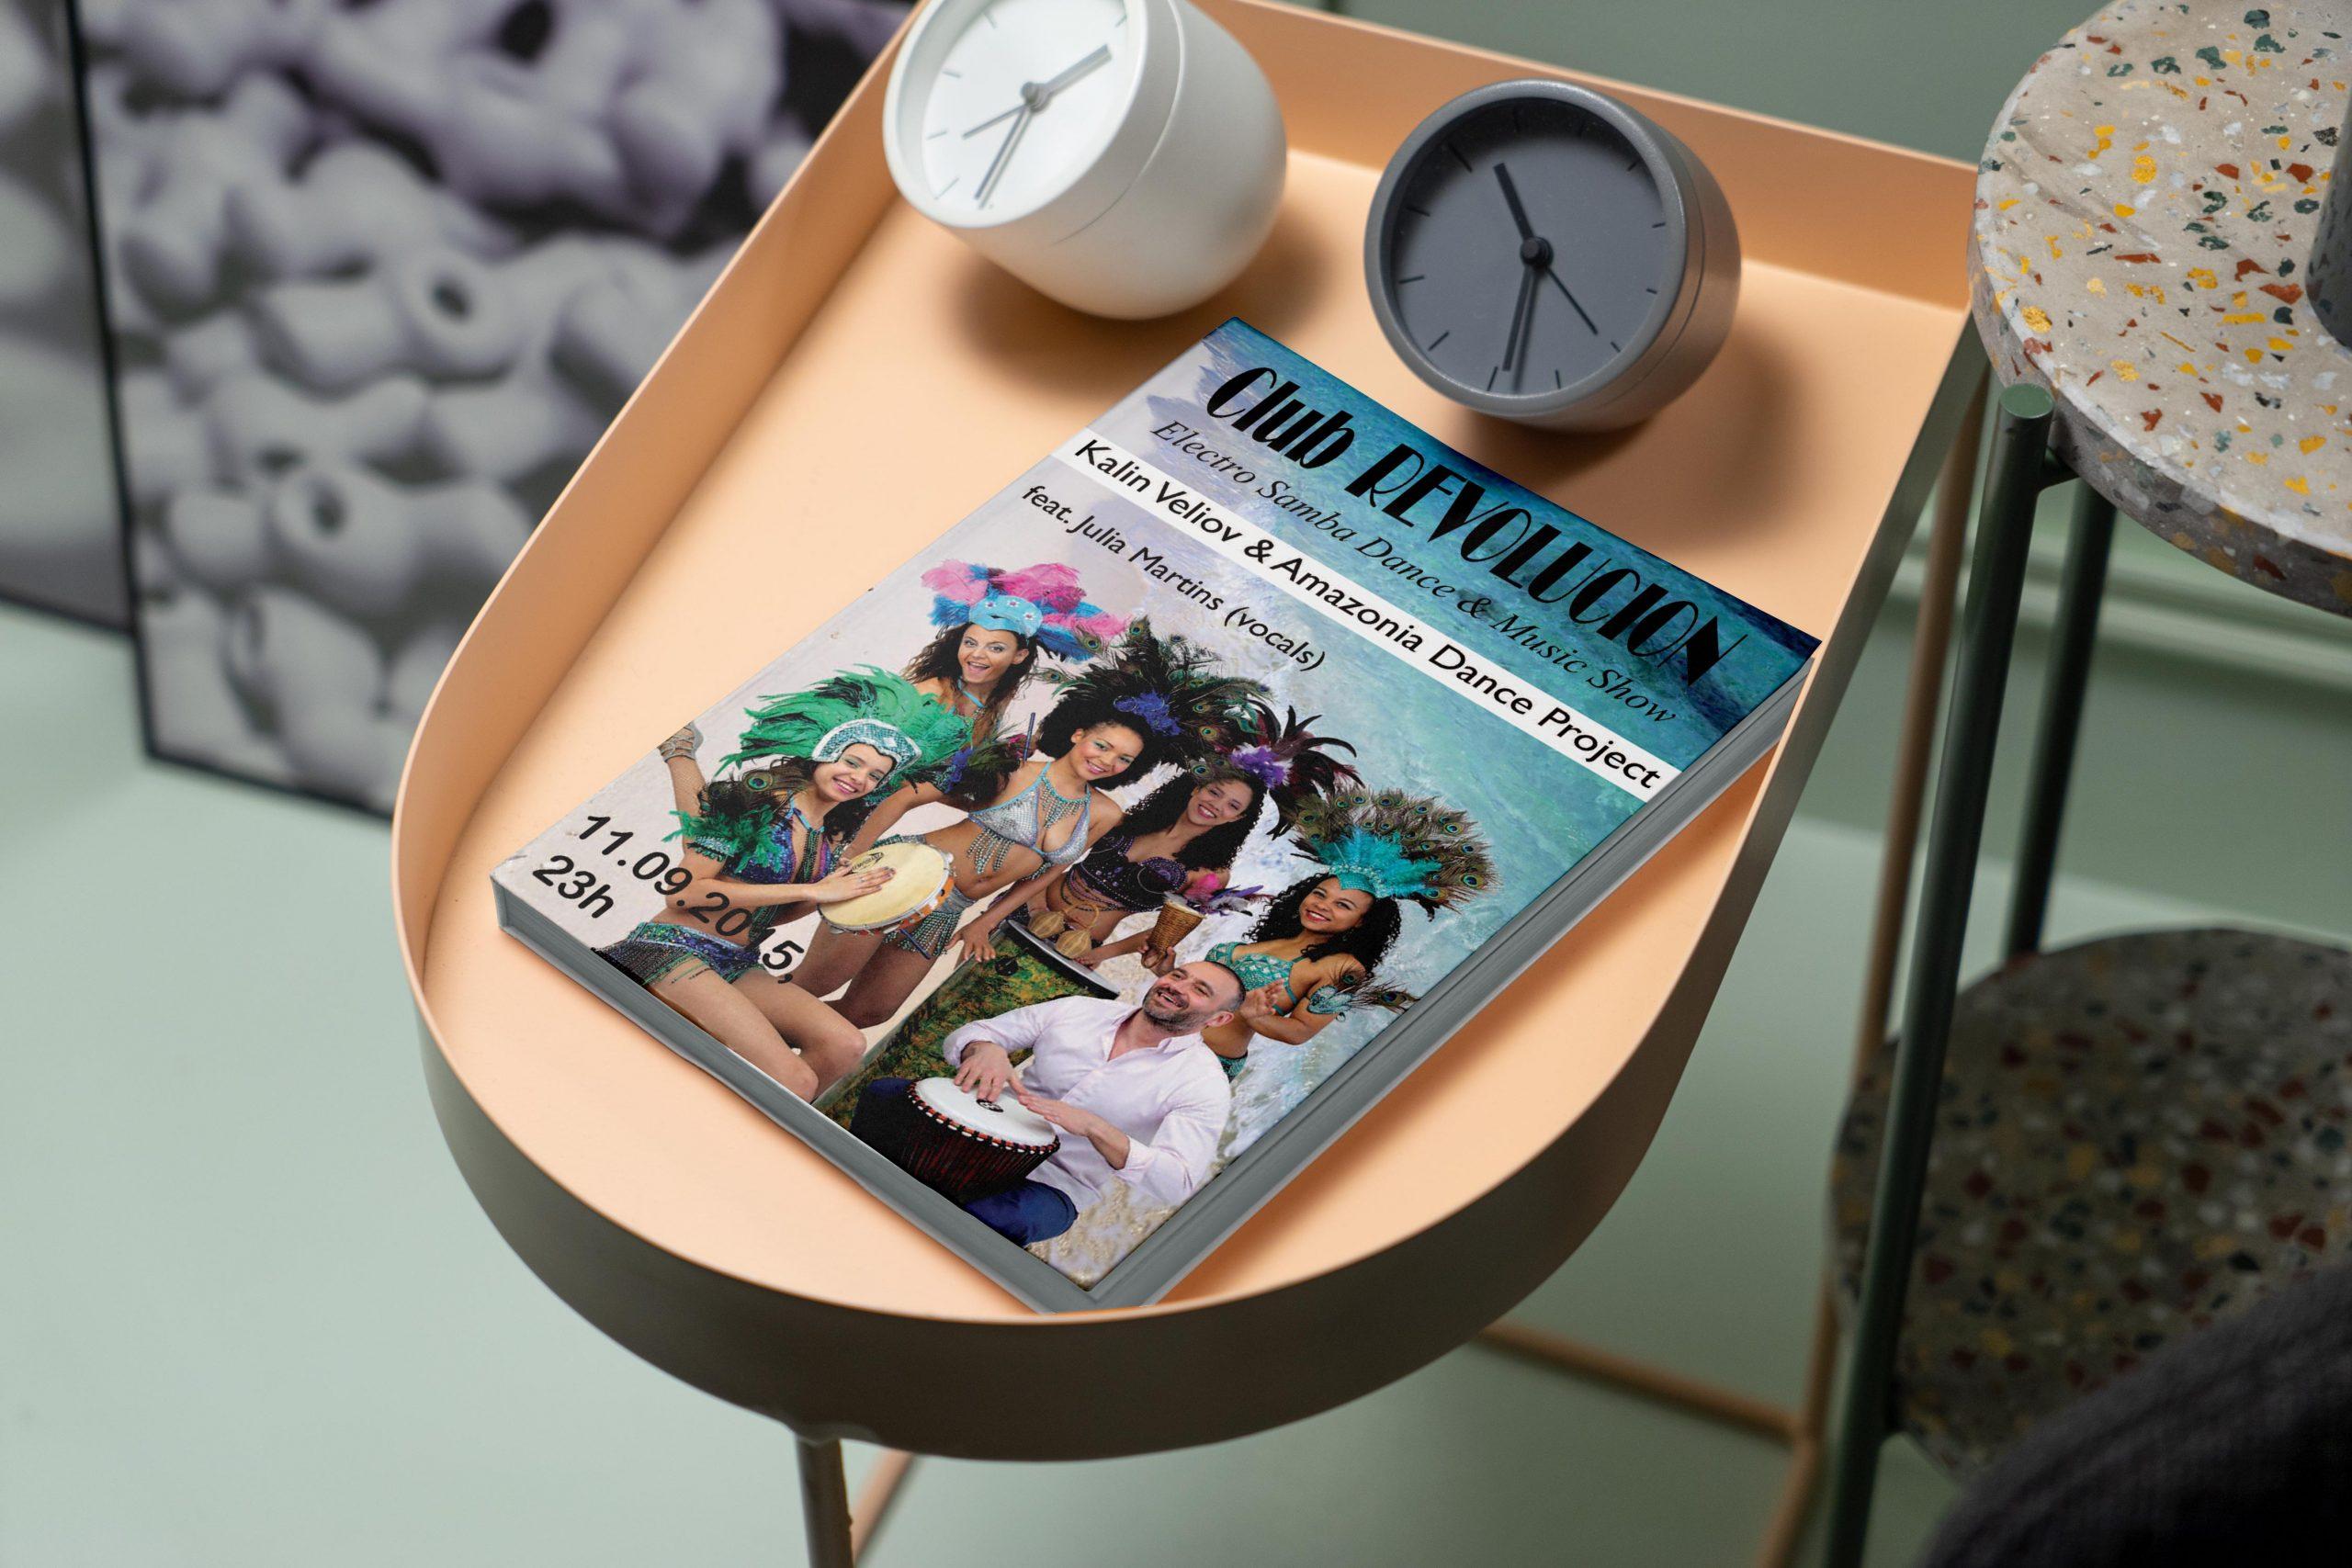 Magazine-cover - amazonia dance project design